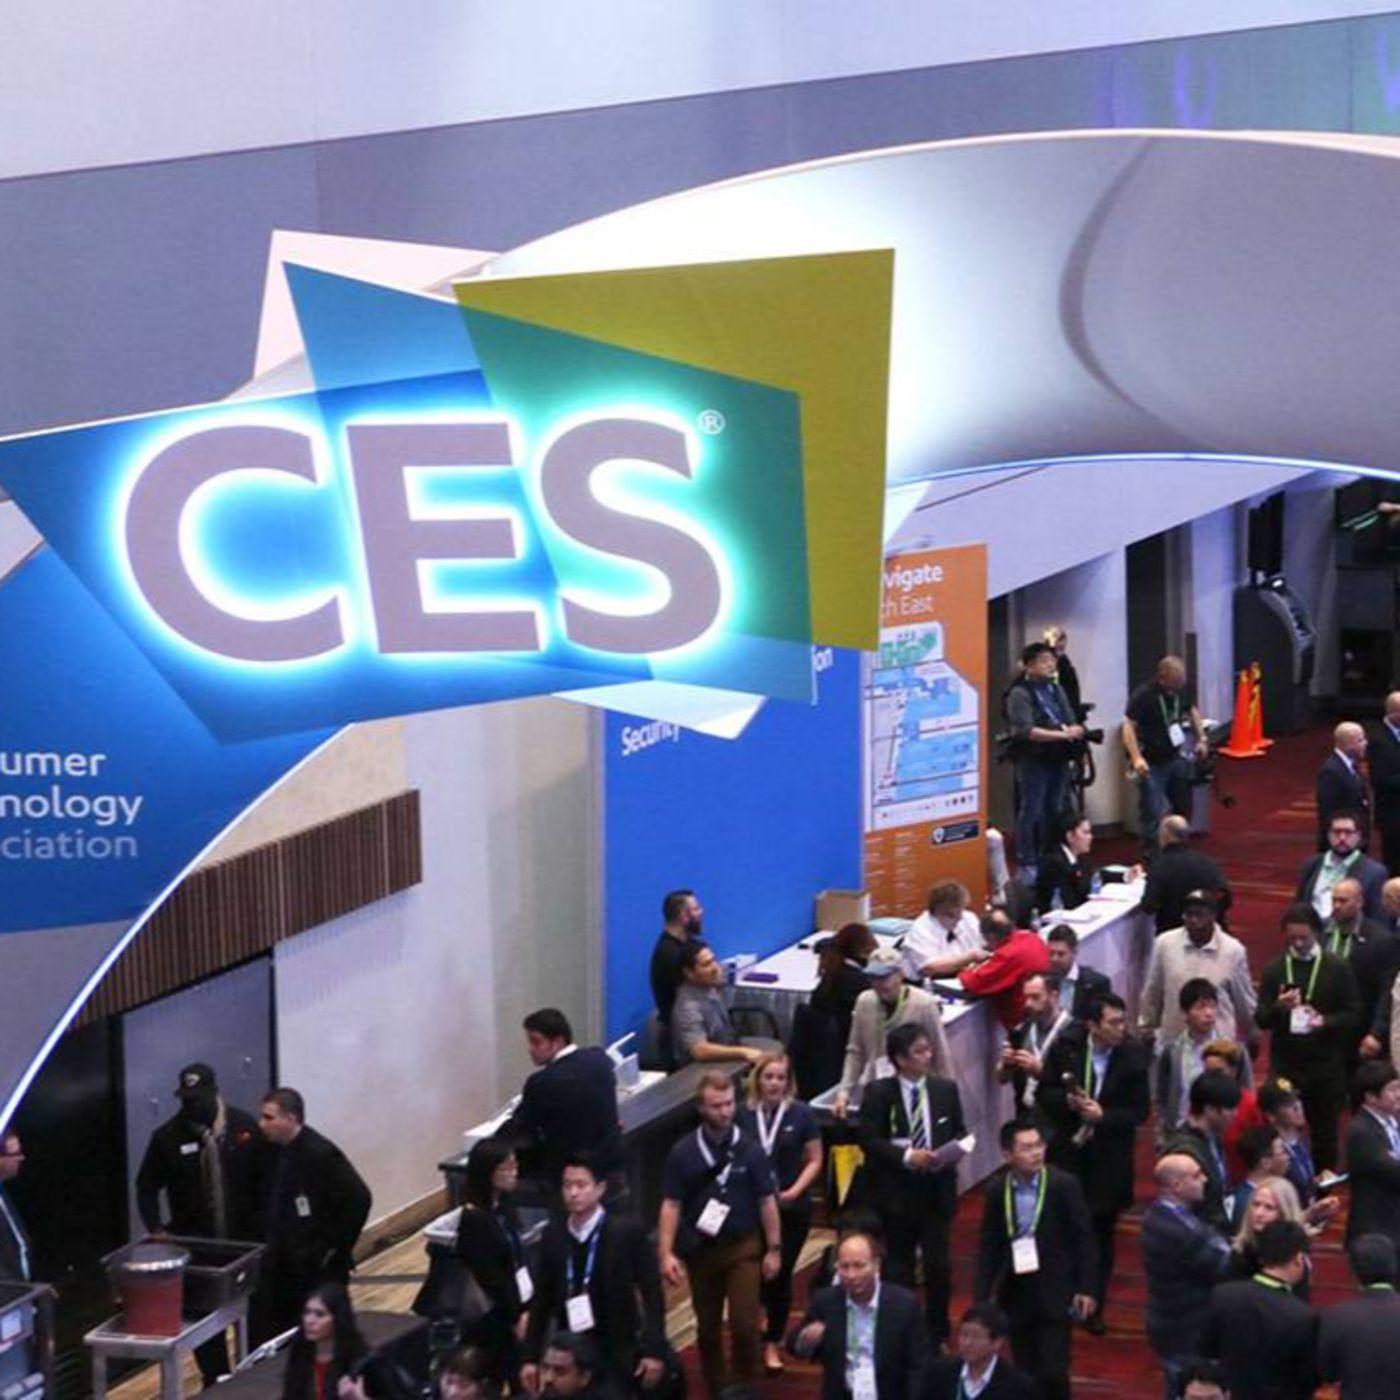 Cosa resterà del CES 2020? Uno sguardo al futuro con Antonio Monaco